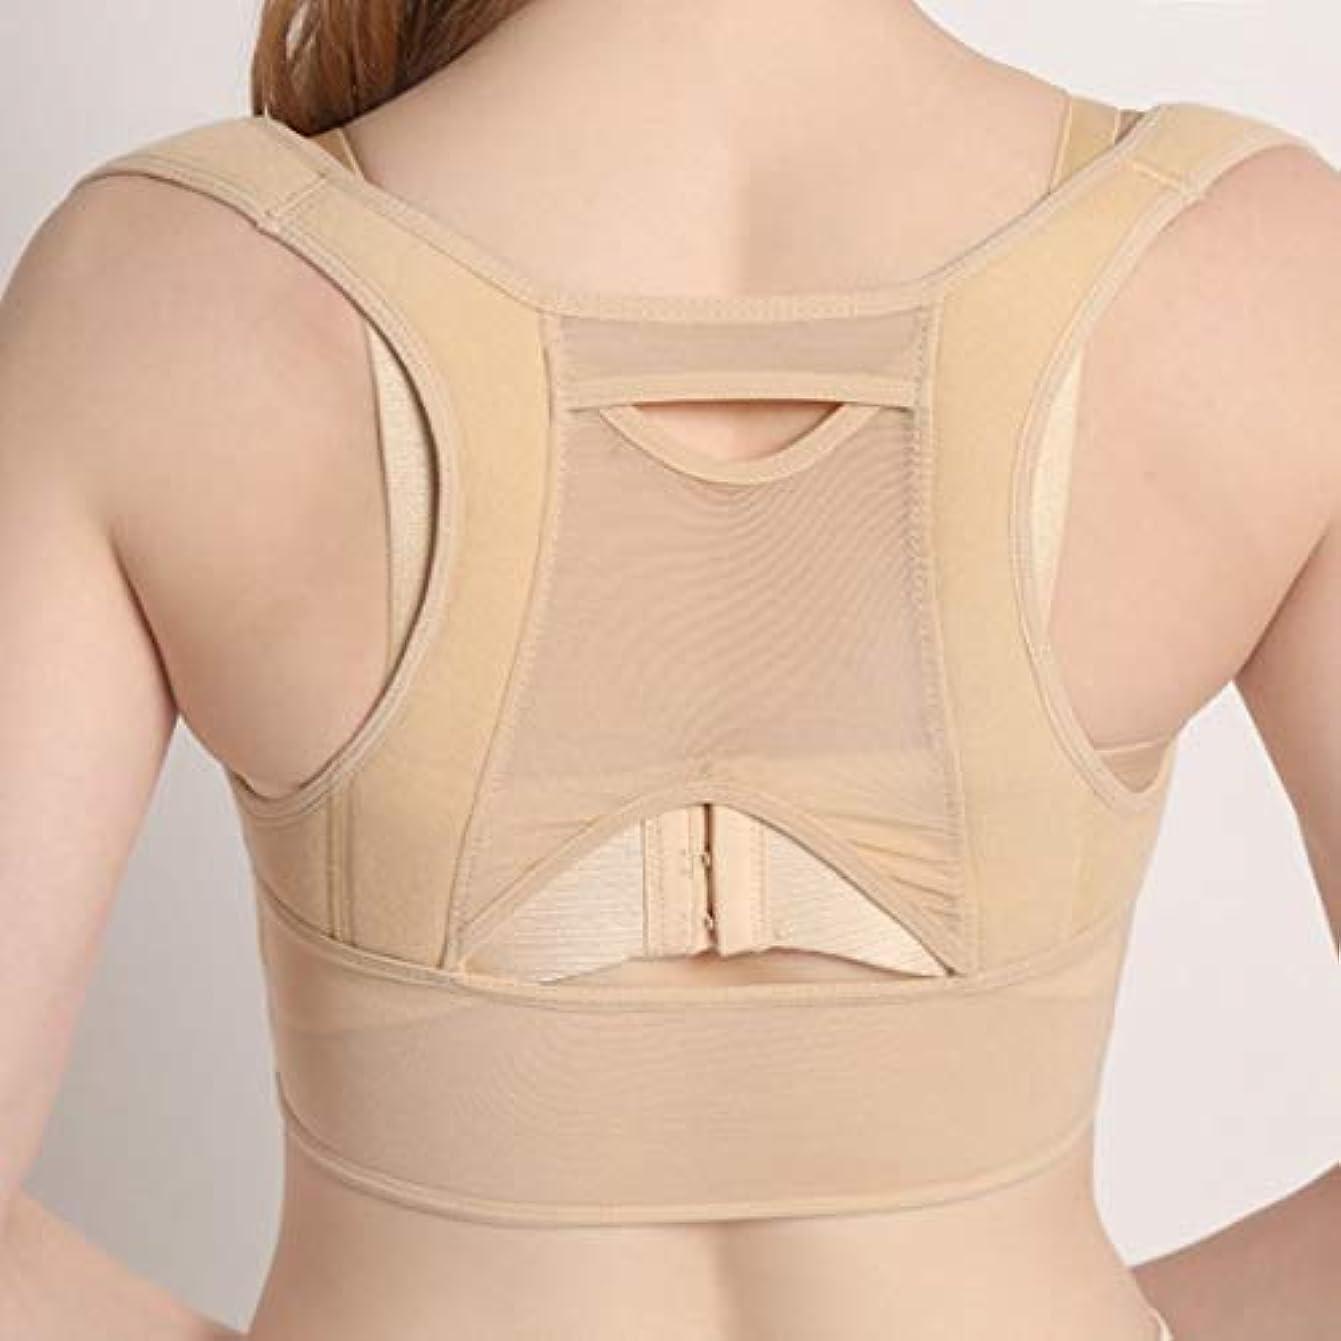 麺同級生ヘルパー通気性のある女性の背中の姿勢矯正コルセット整形外科の肩の背骨の背骨の姿勢矯正腰椎サポート (Rustle666)